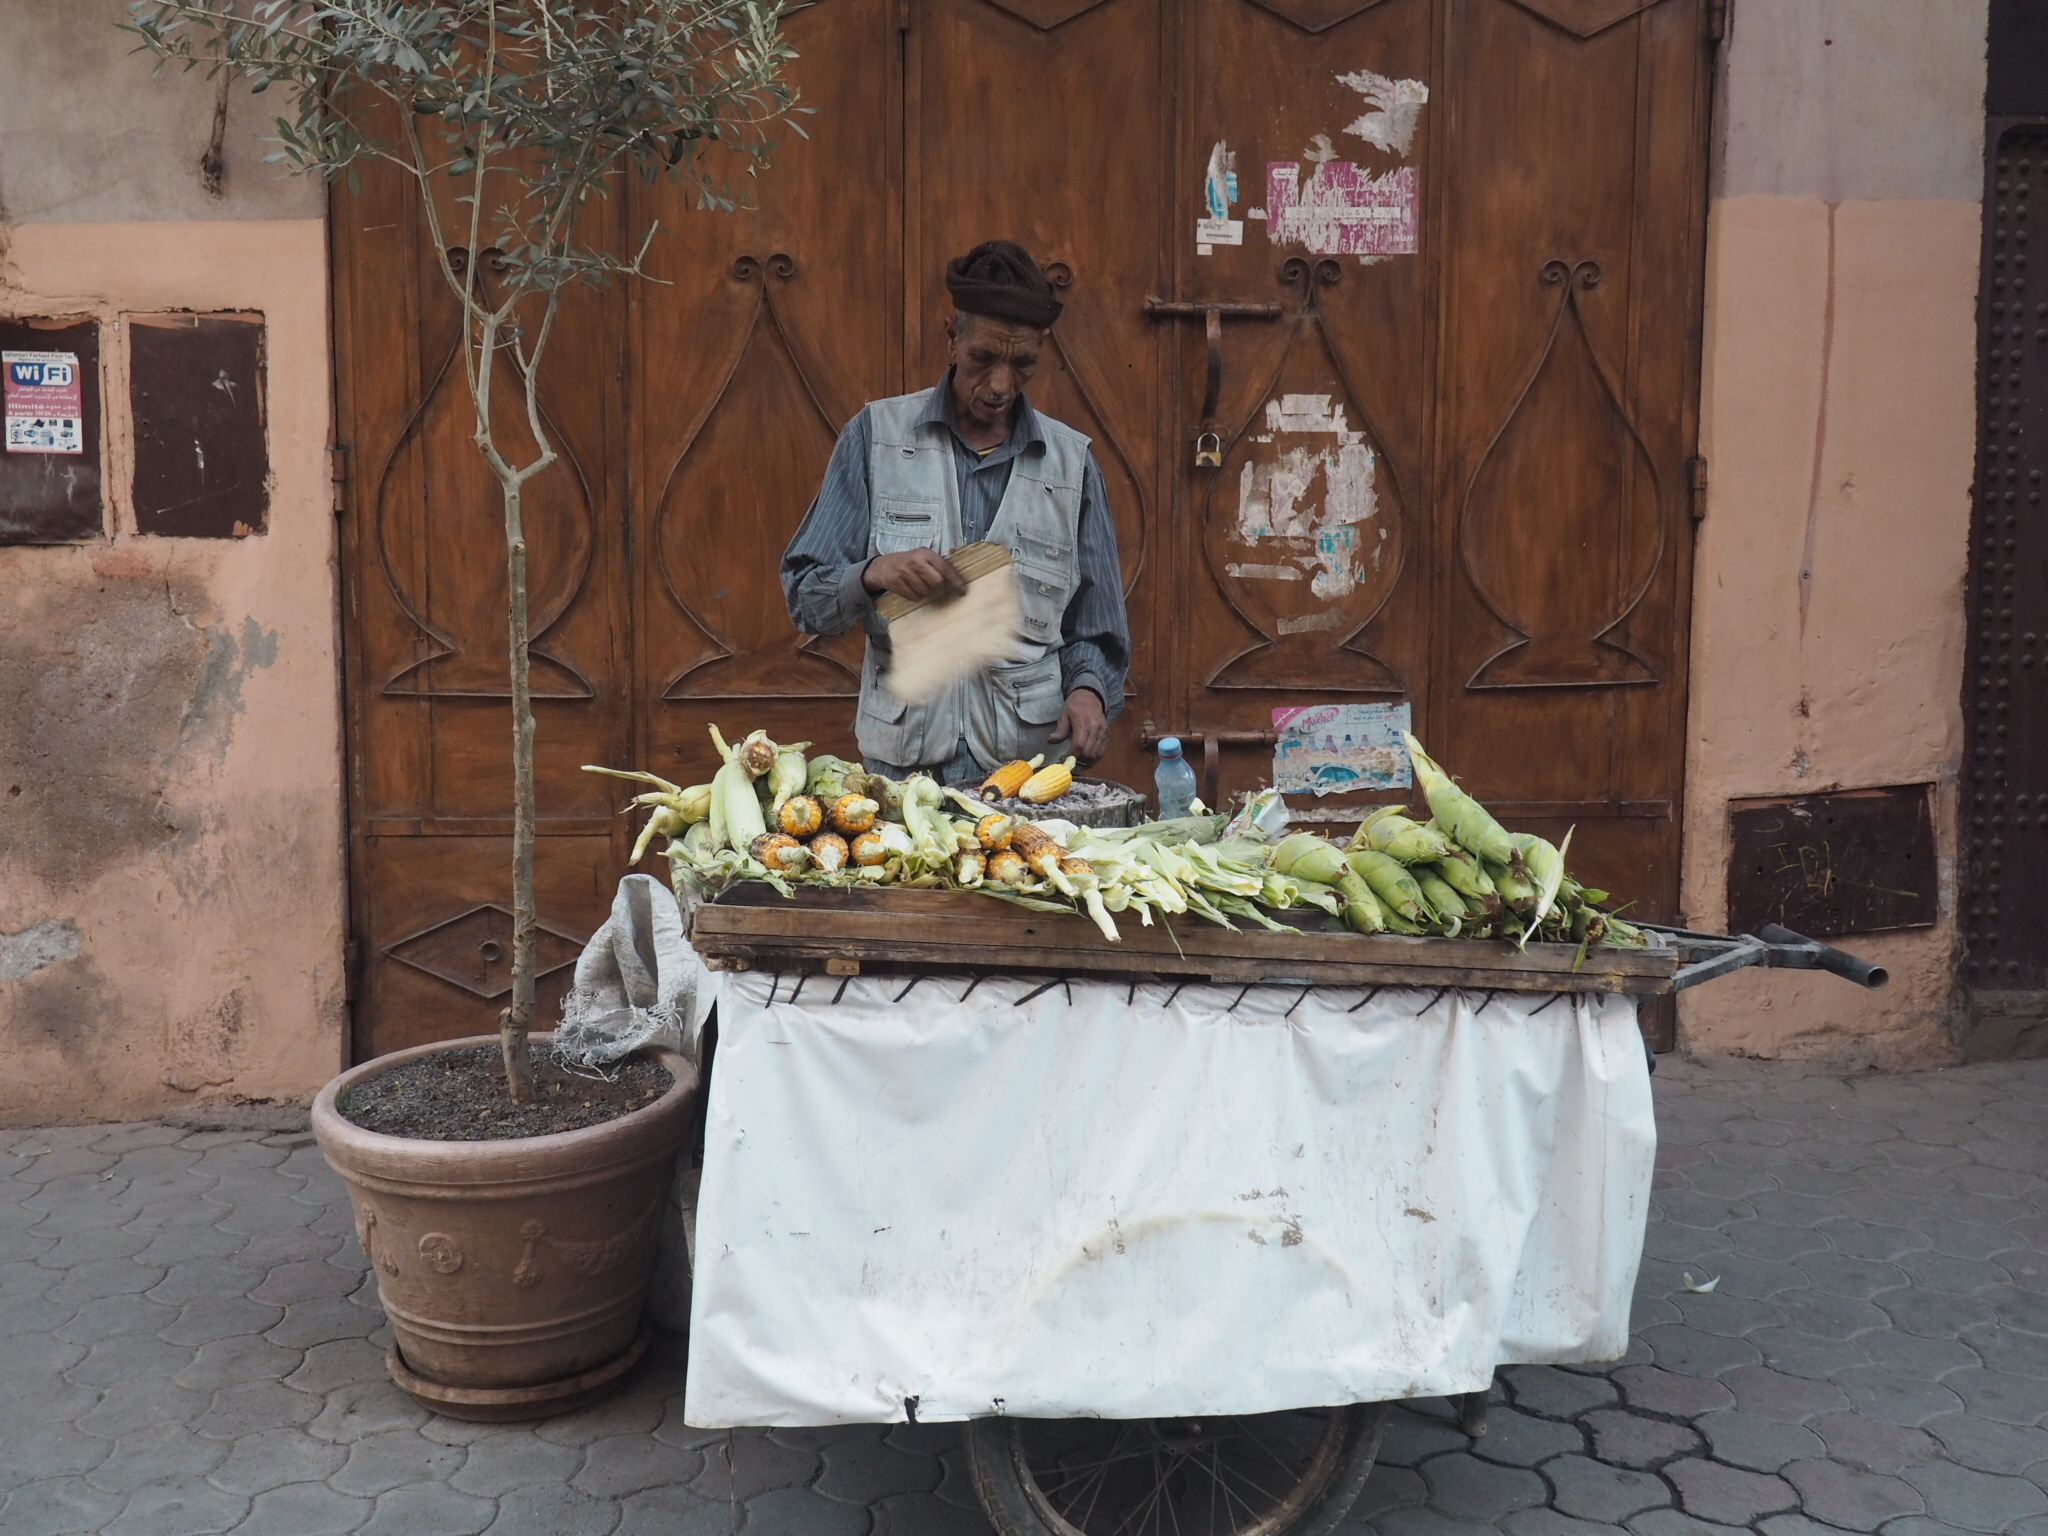 Fast food in Marrakech!